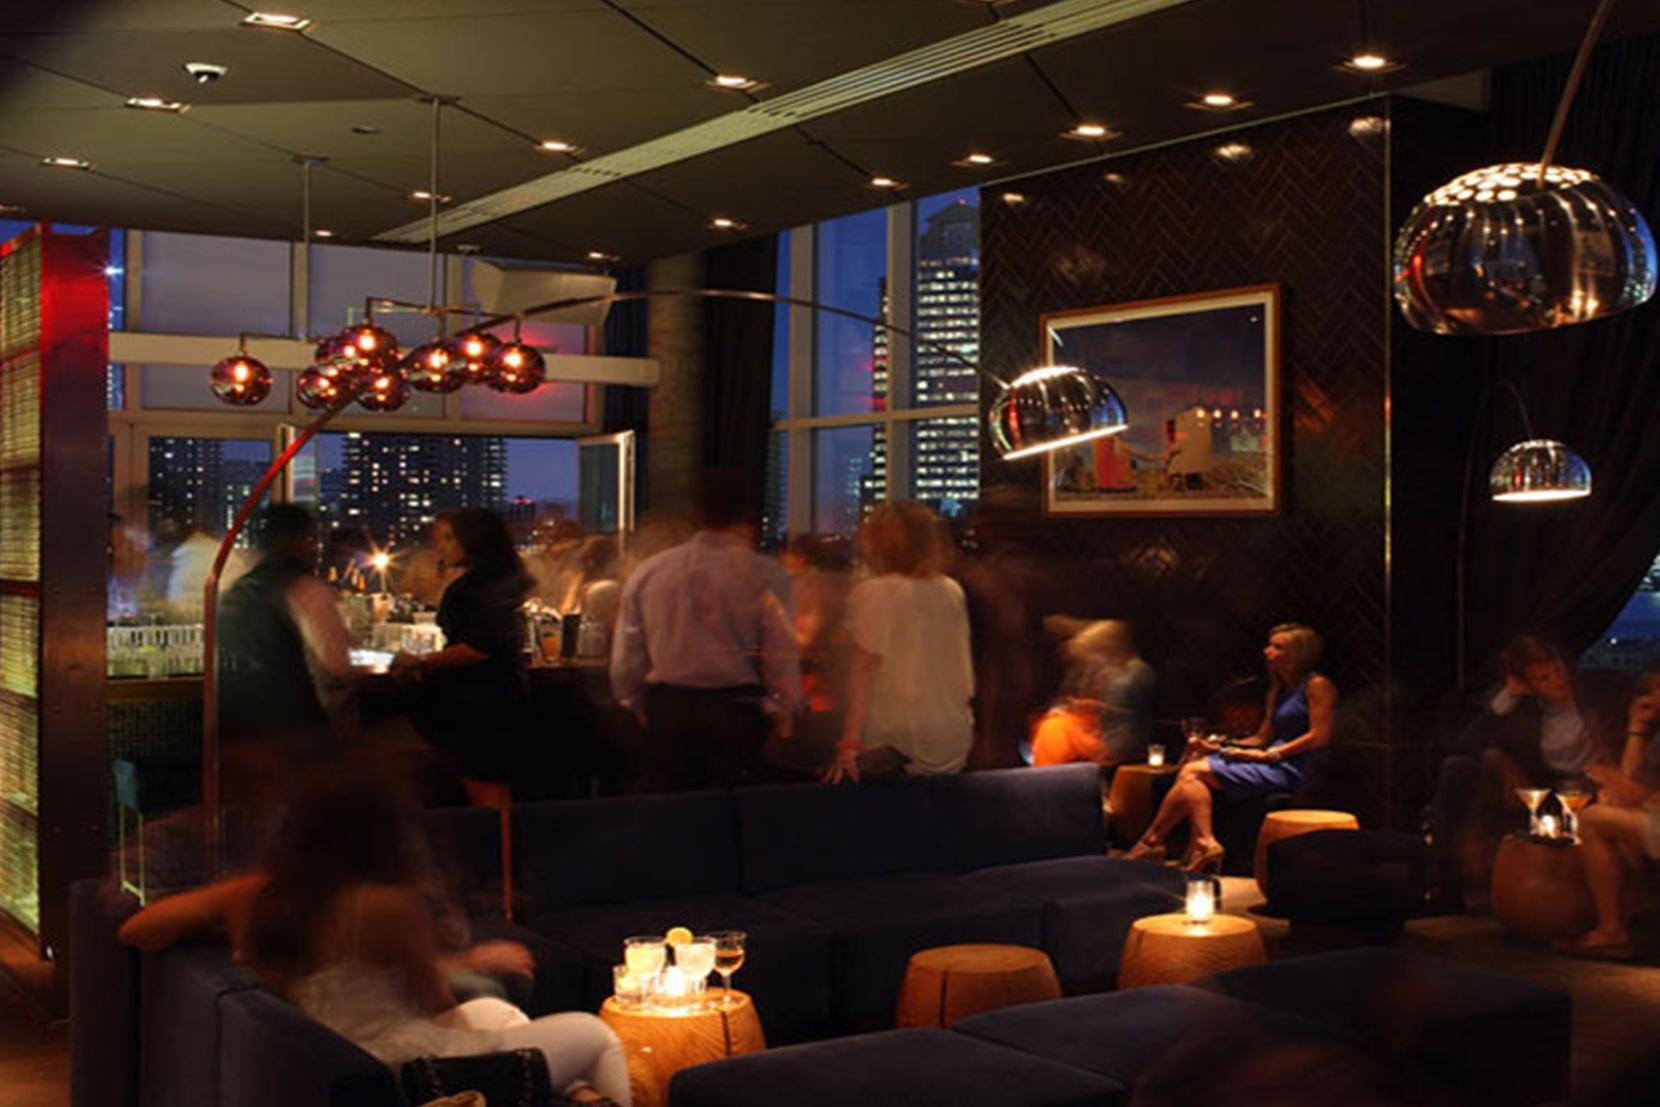 Modern-Bar-Lighting-Jimmy-Soho-Quill-Chandelier.jpg